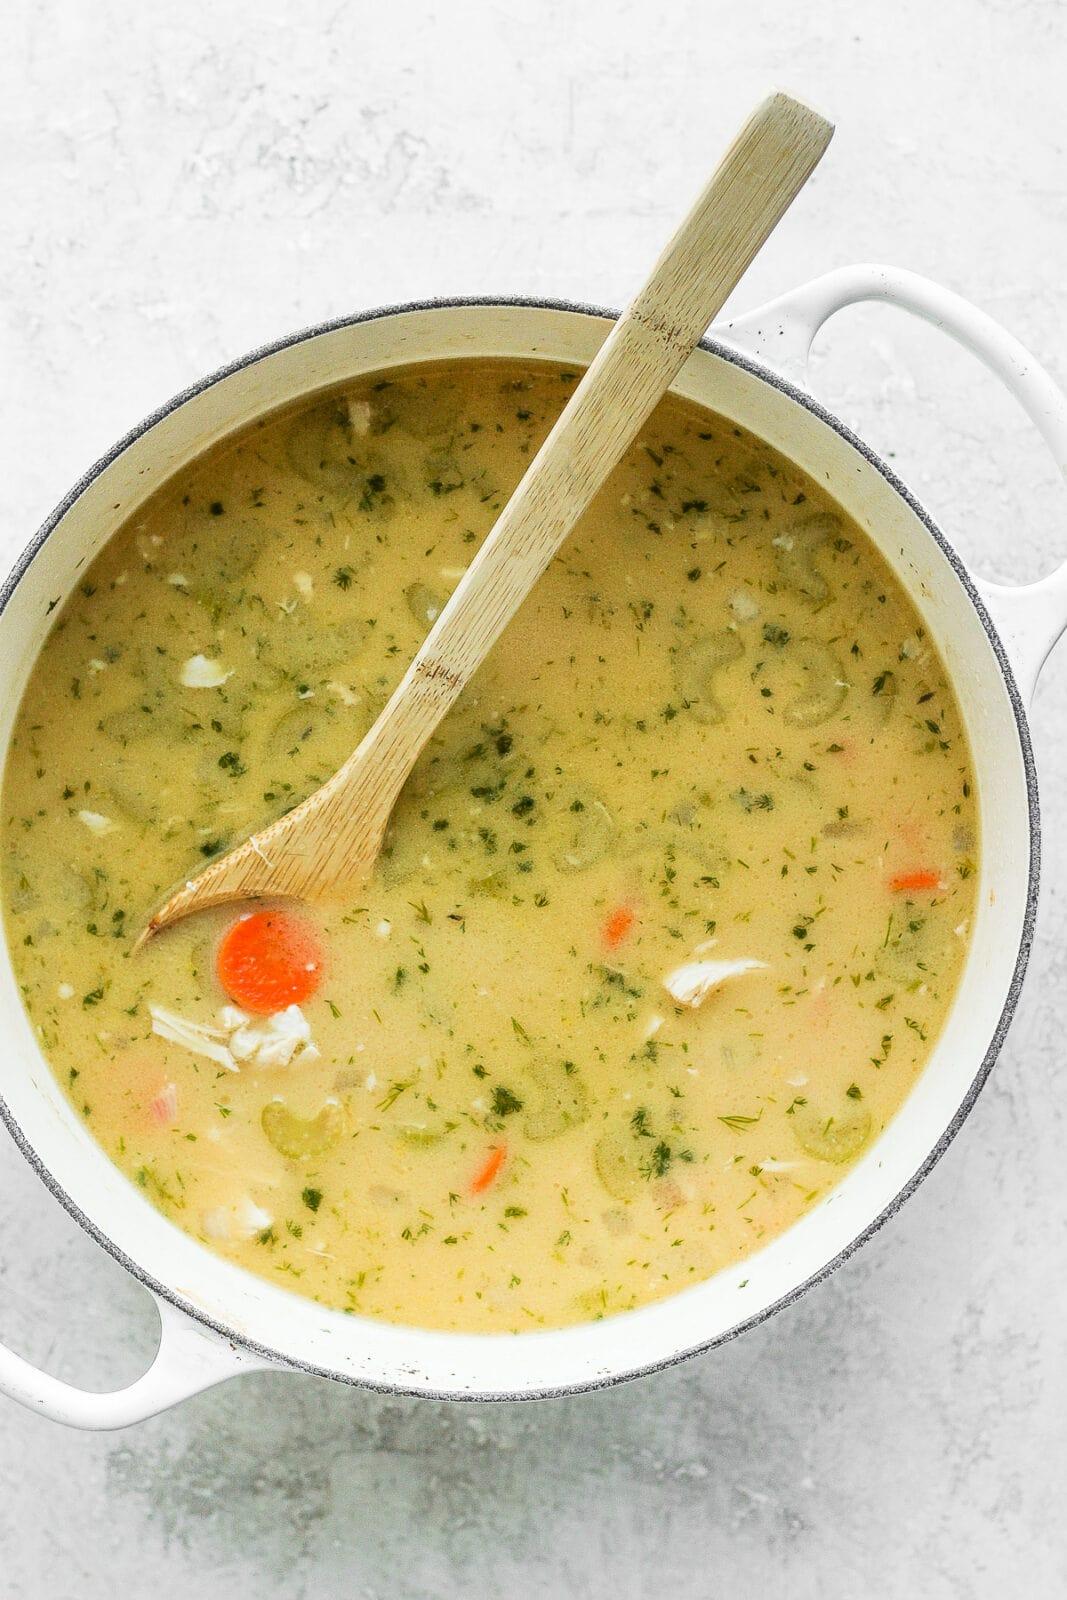 Dutch oven of greek lemon chicken soup.